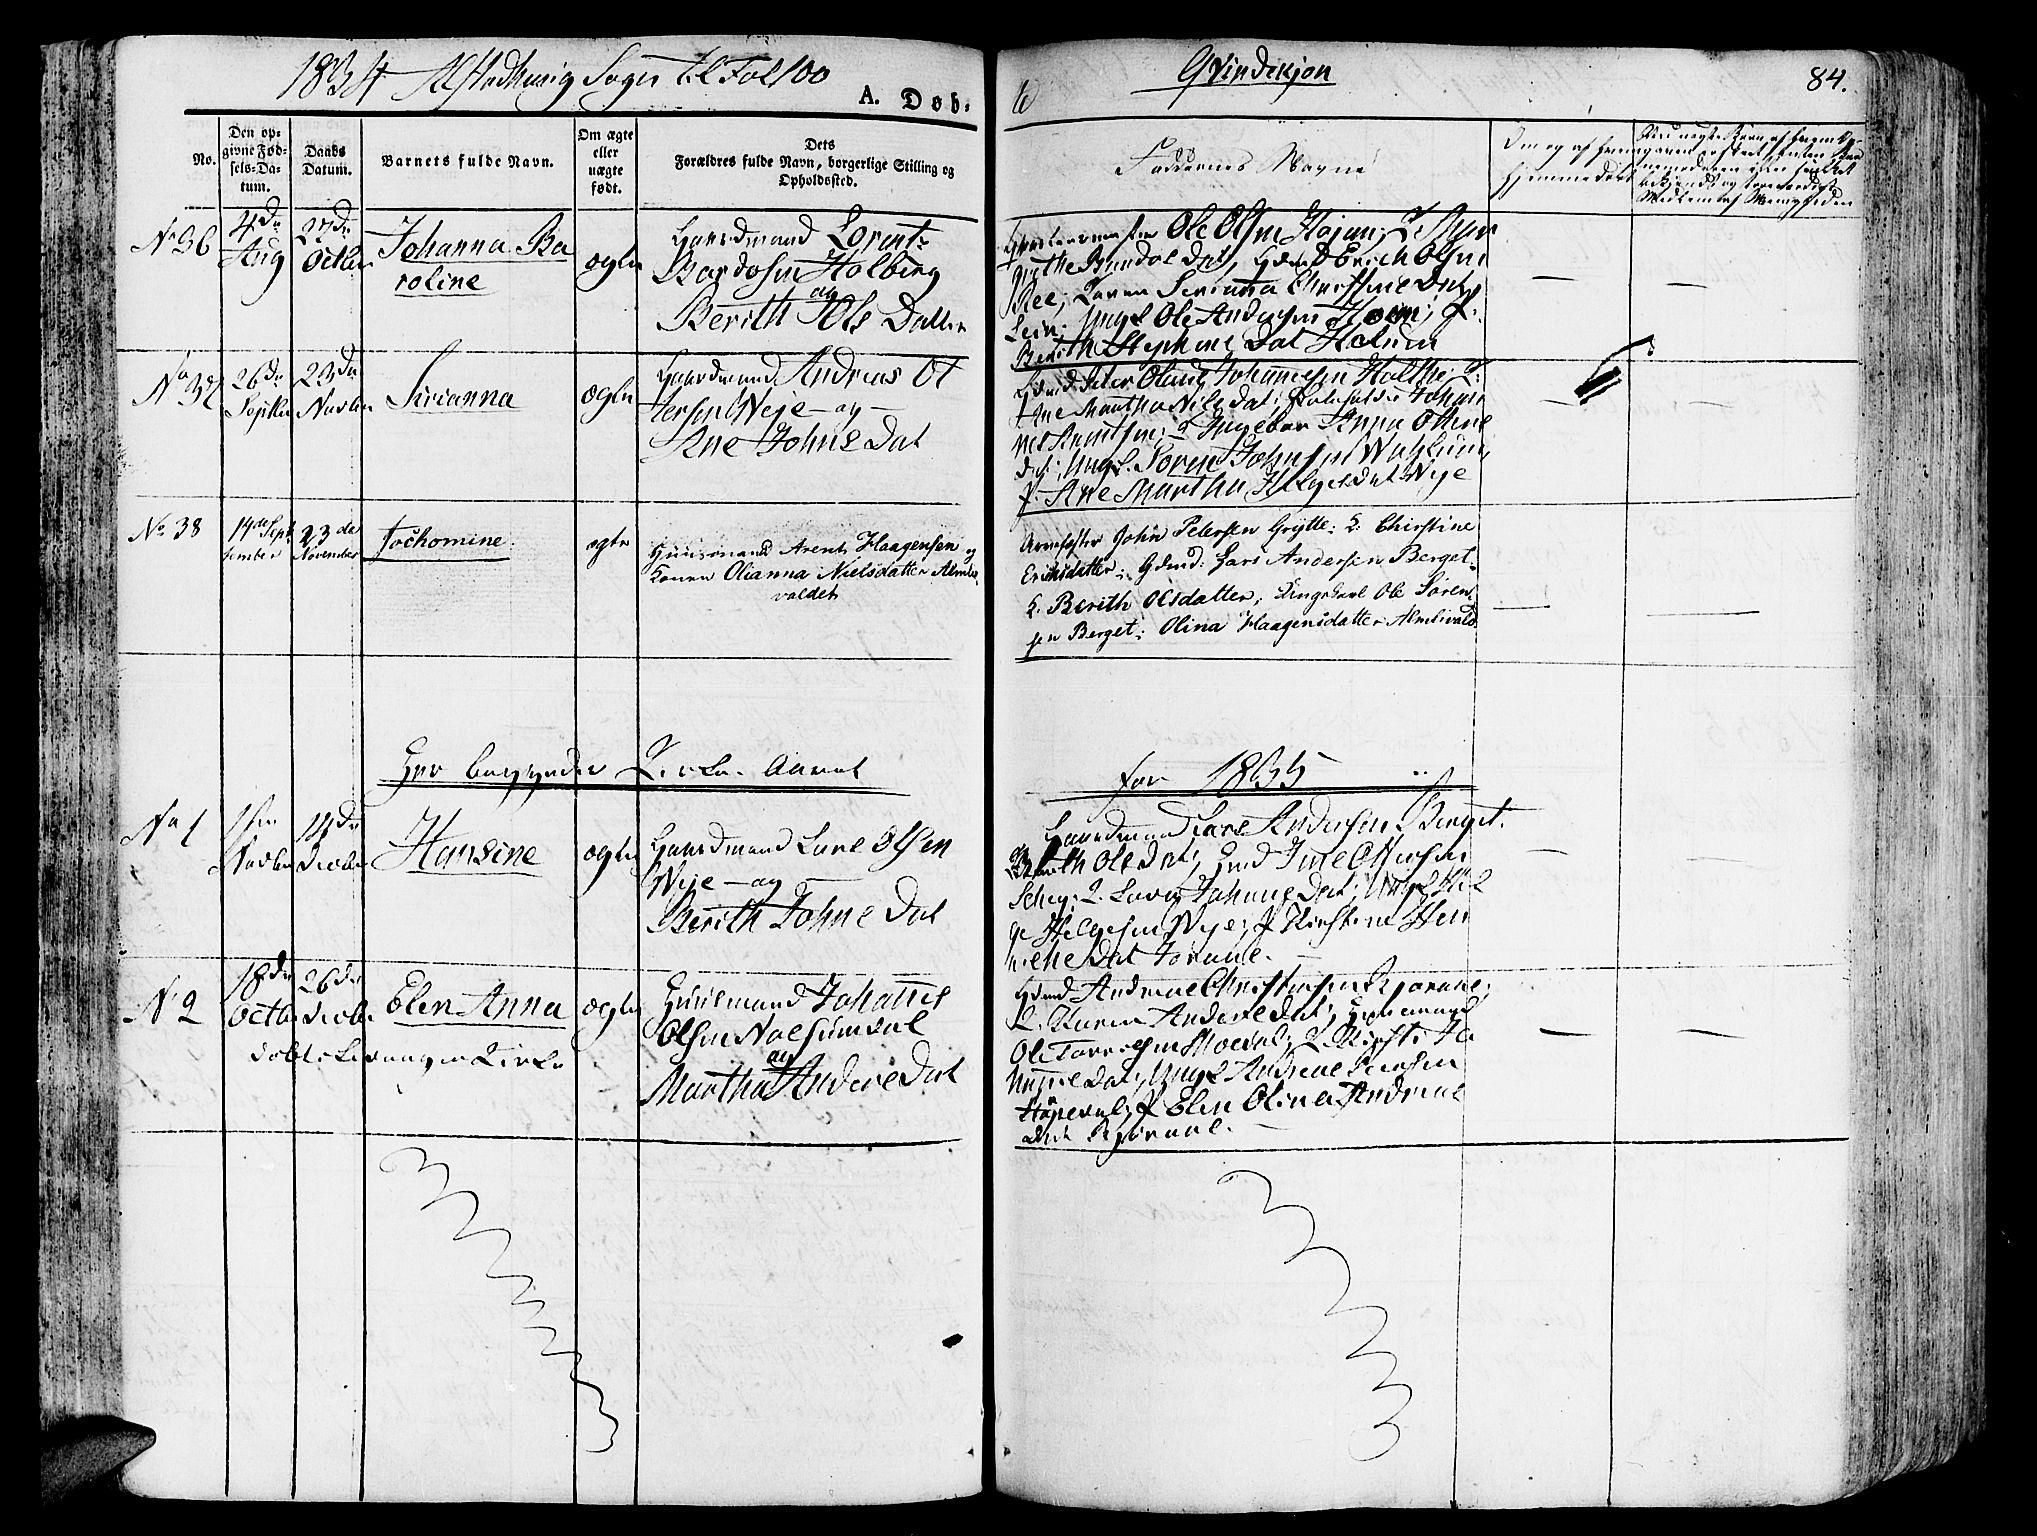 SAT, Ministerialprotokoller, klokkerbøker og fødselsregistre - Nord-Trøndelag, 717/L0152: Ministerialbok nr. 717A05 /1, 1825-1836, s. 84